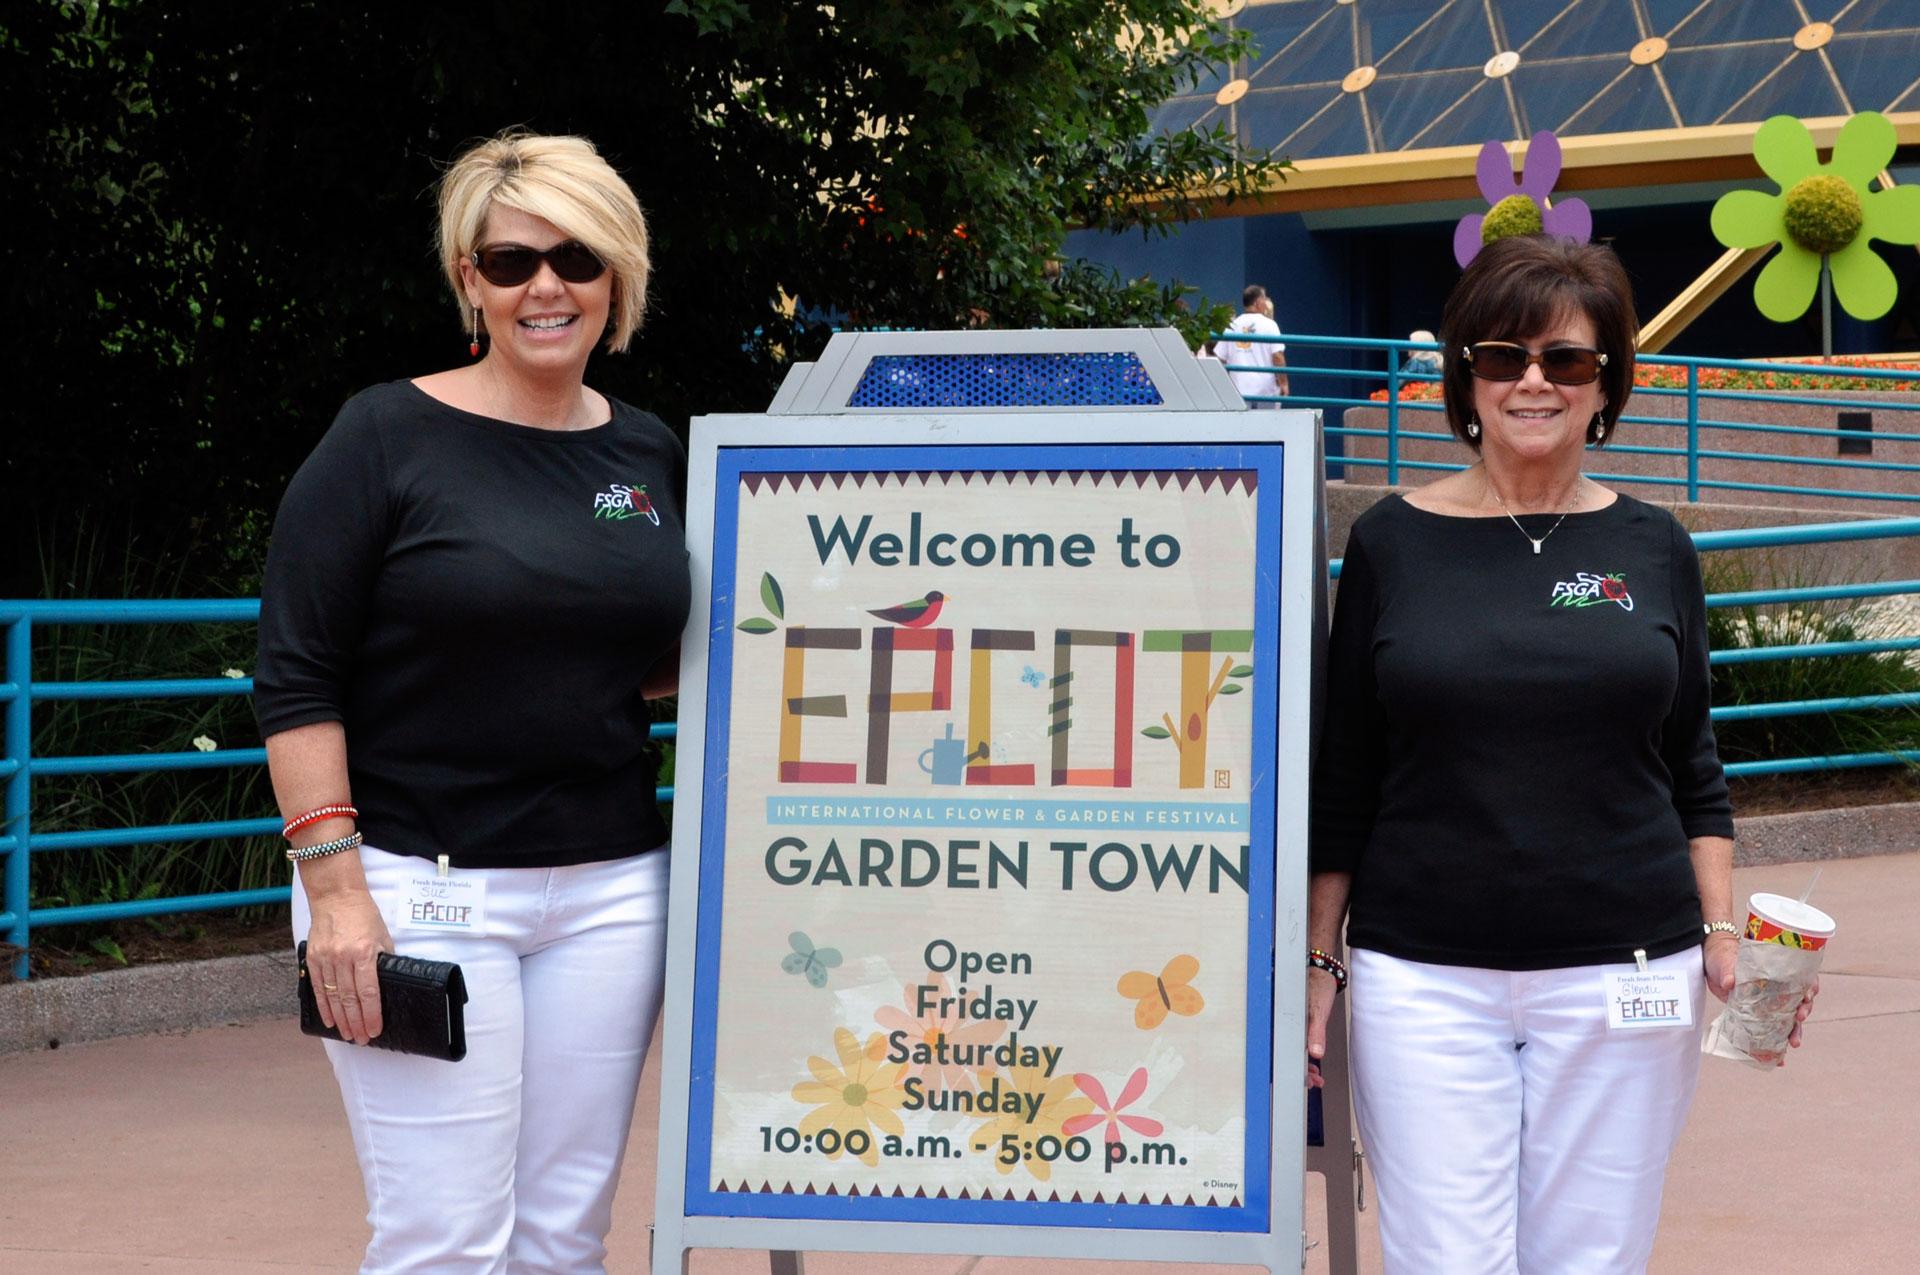 Epcot Garden Town with Sue and Glenda